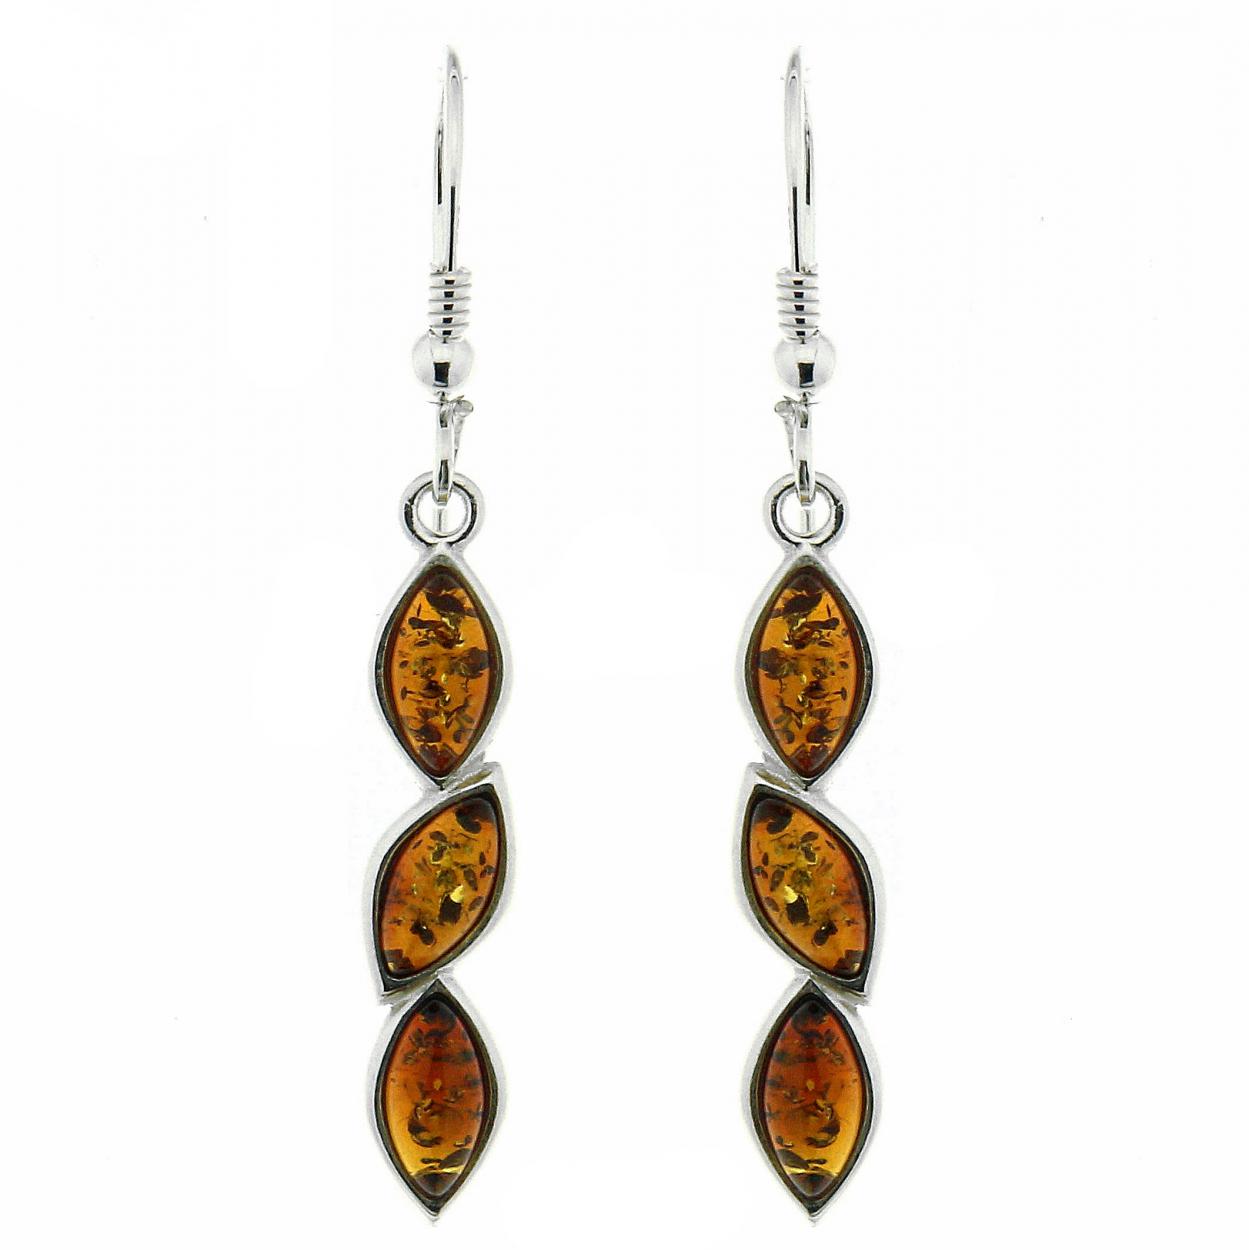 Boucles d 39 oreilles pendantes ambre et argent 925 ref 42368 - Fermoir boucle d oreille argent ...